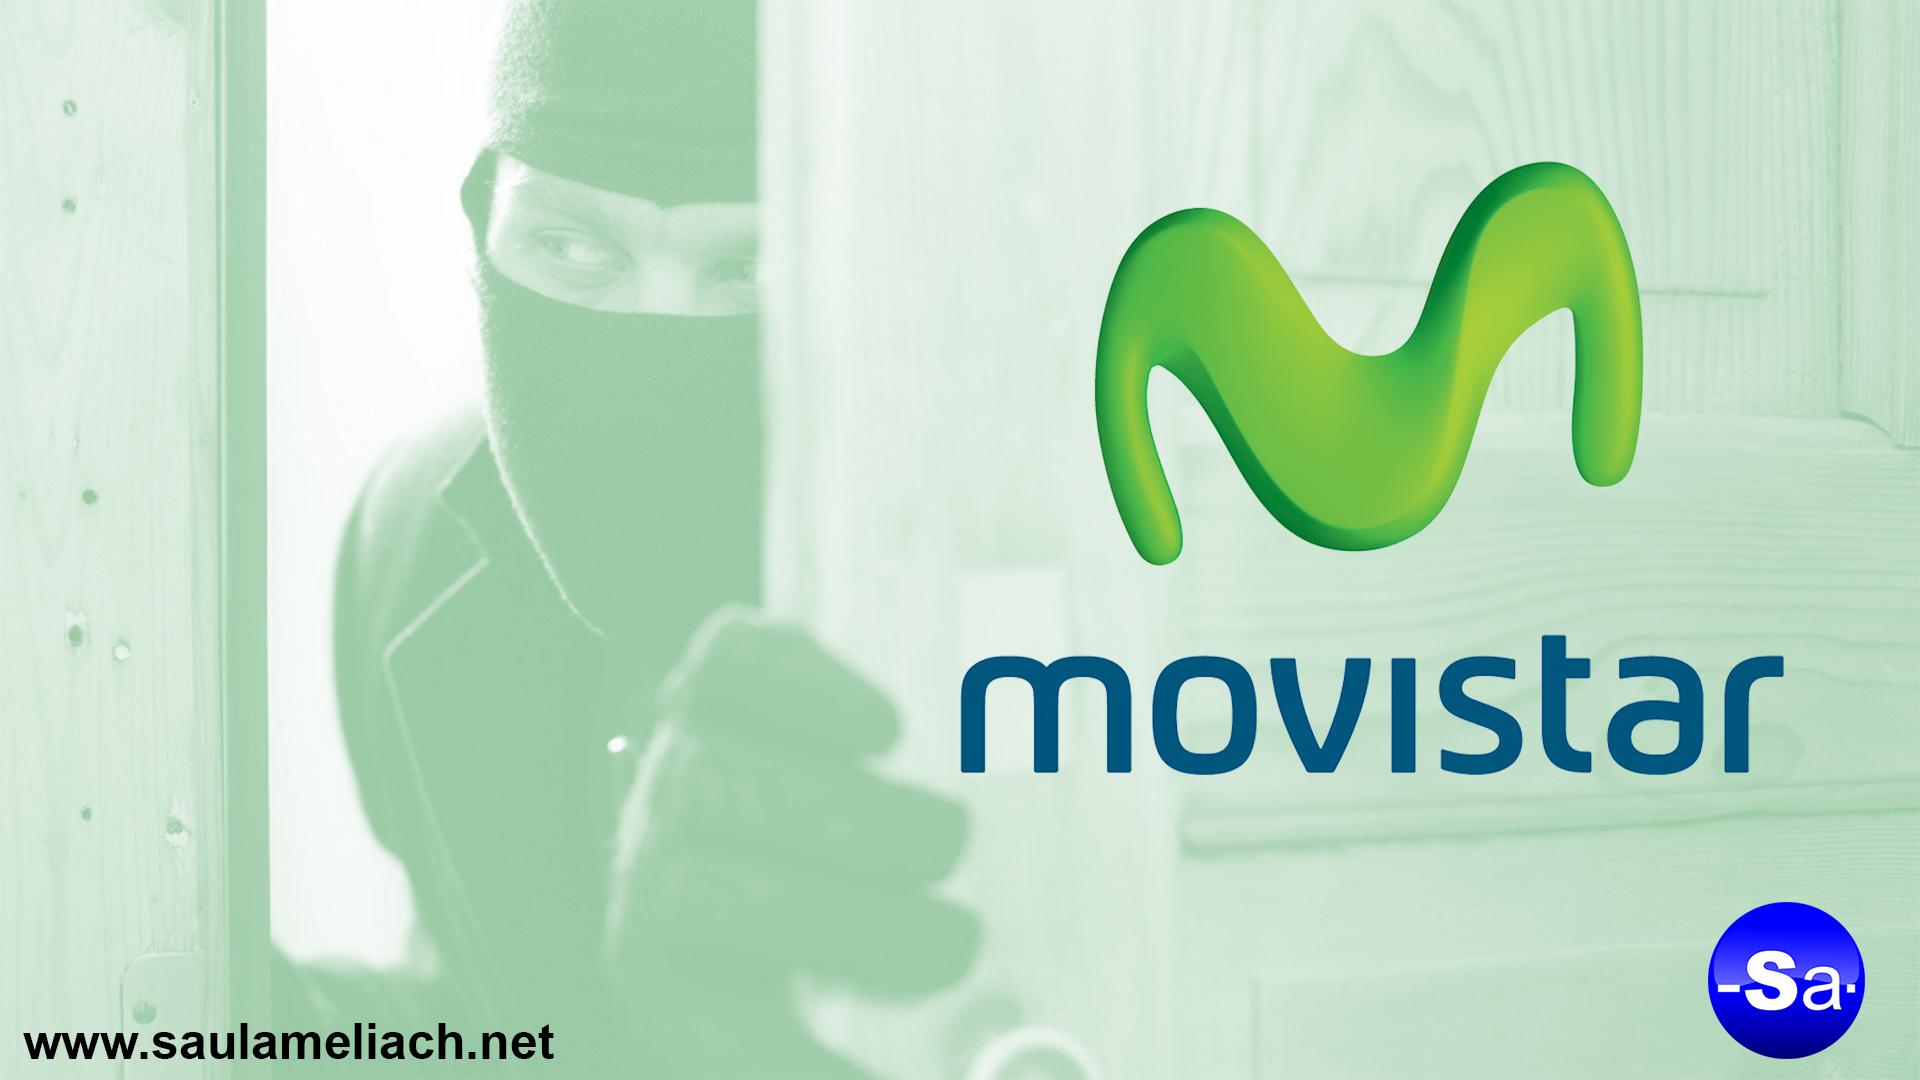 saul ameliach - Movistar sufre un fallo de seguridad que expuso datos de sus clientes